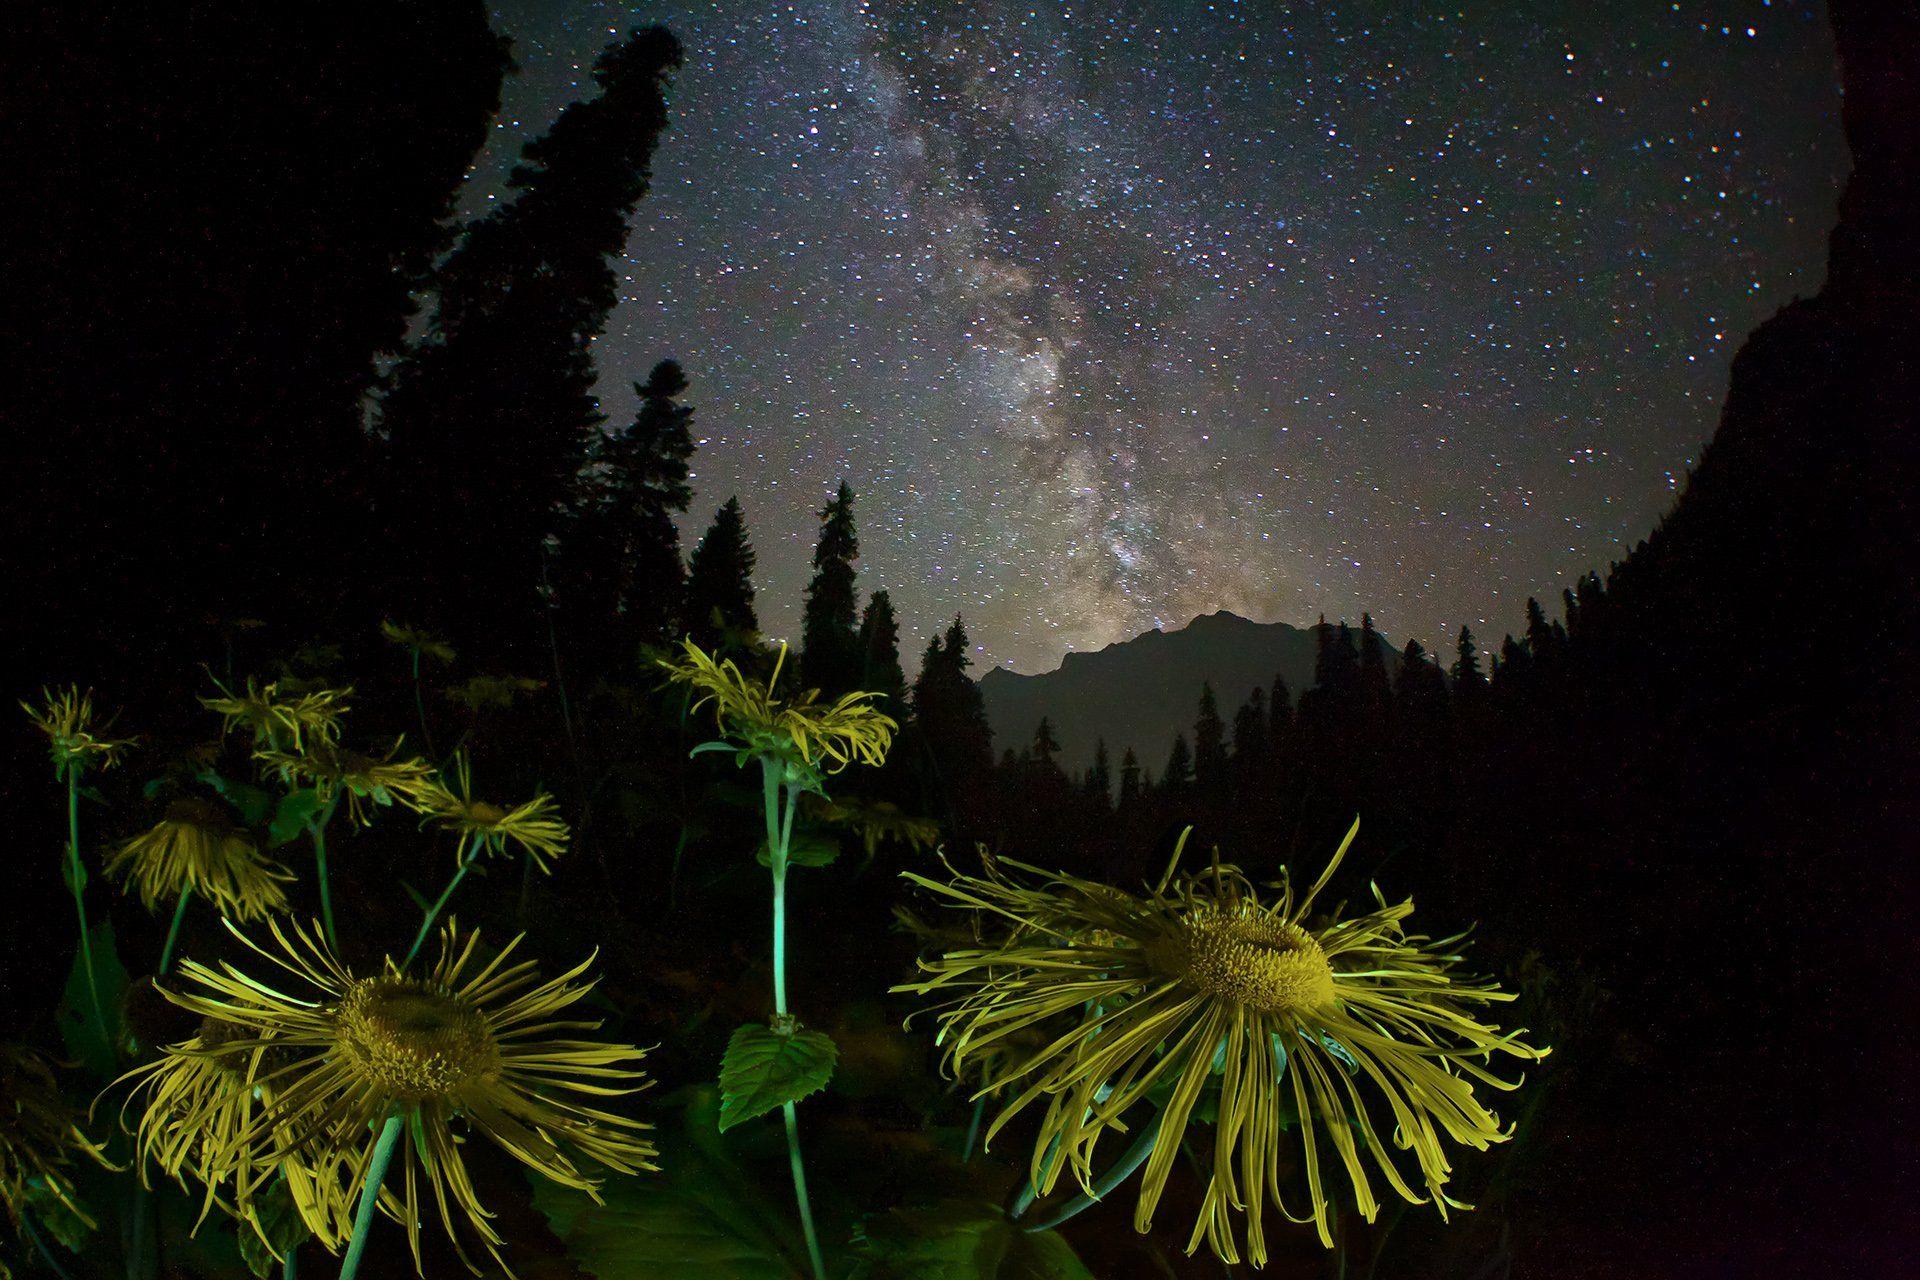 ночь, млечный путь, цветок, горы, лес, , Никифоров Егор